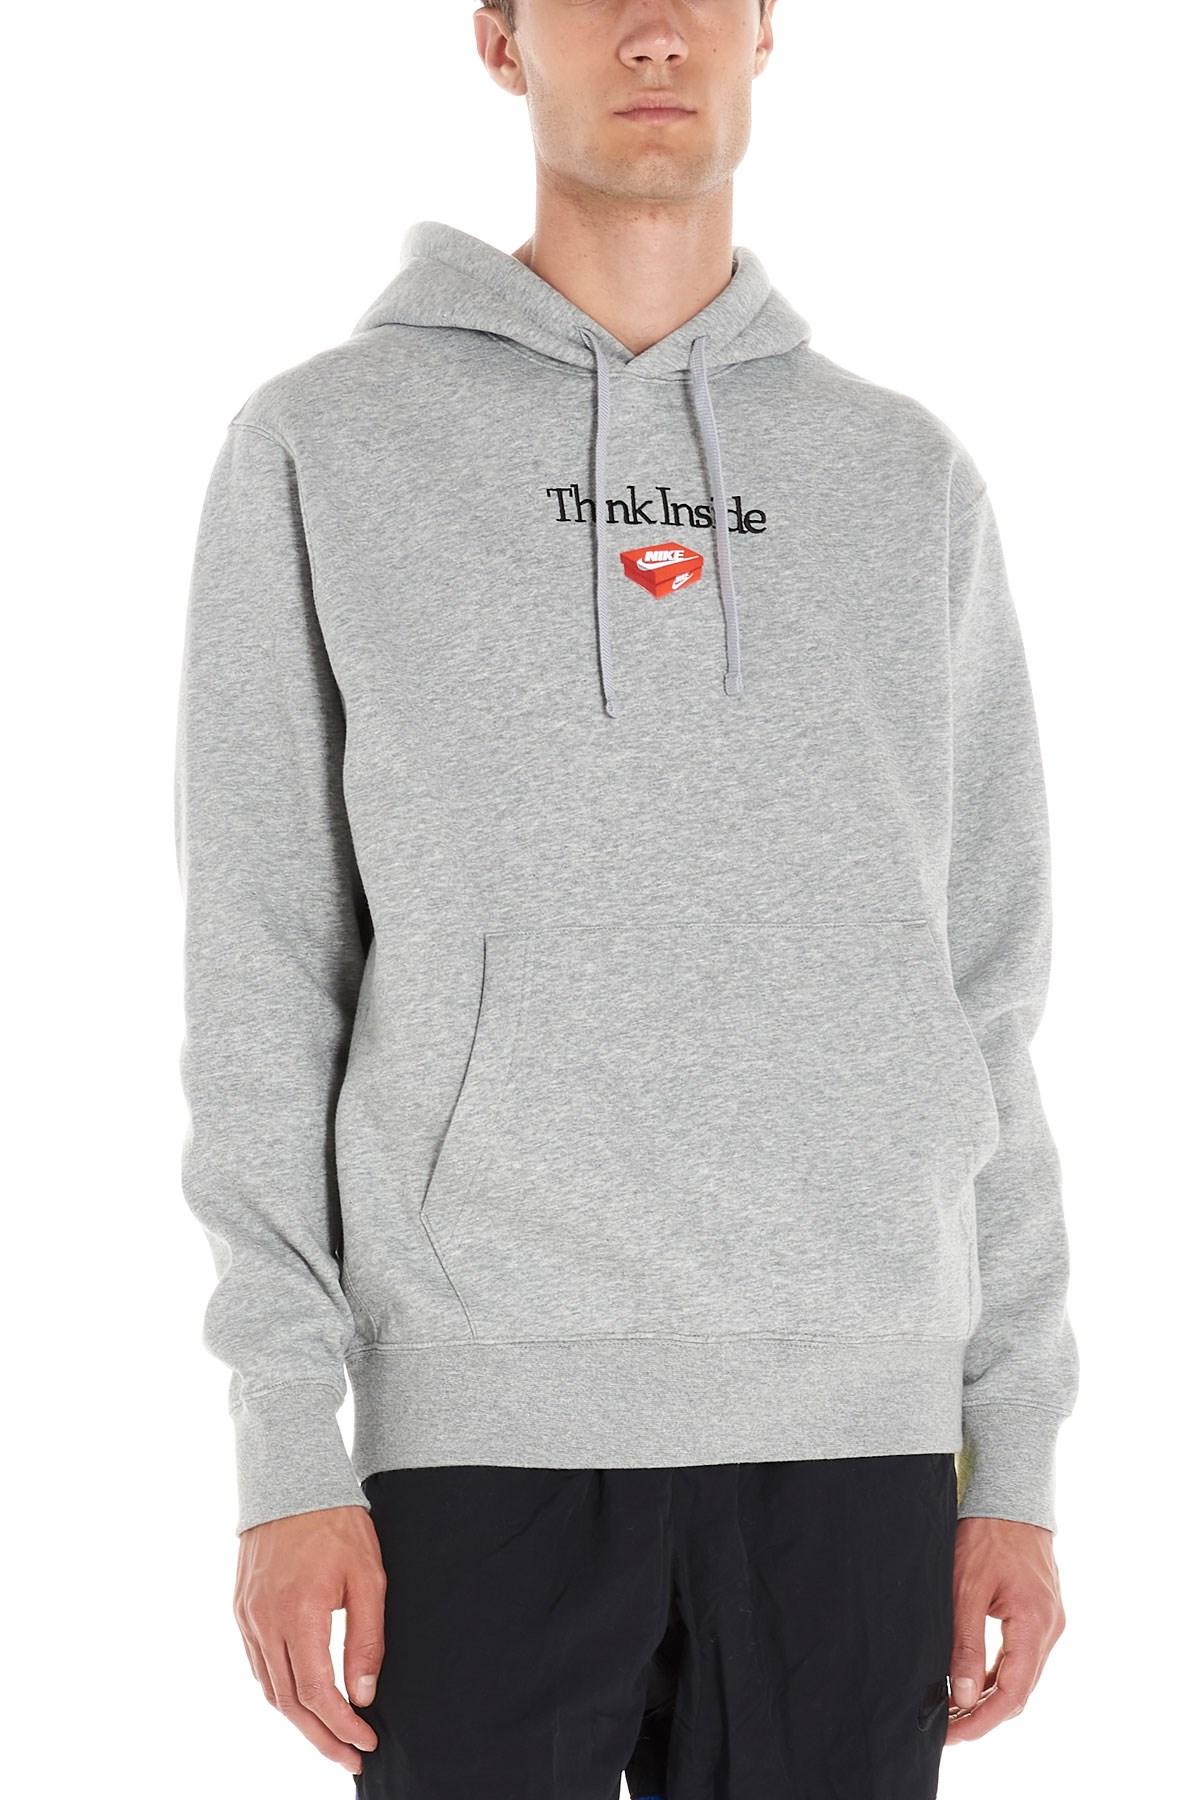 nike hoodie think inside